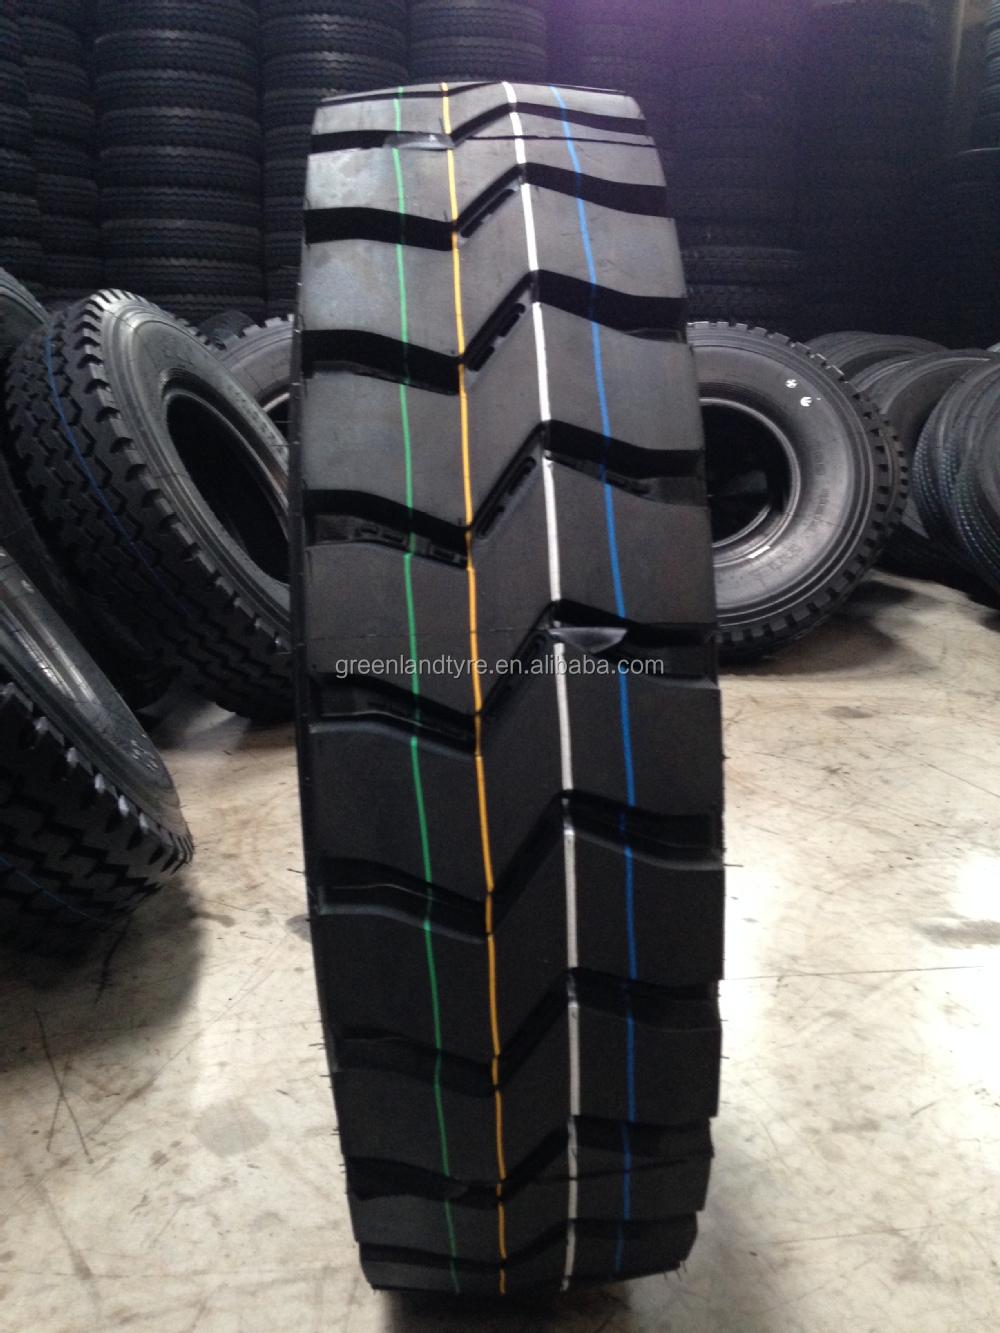 prix des pneus michelin michelin des pneus faits a partir de bois seraient en prix des pneus. Black Bedroom Furniture Sets. Home Design Ideas